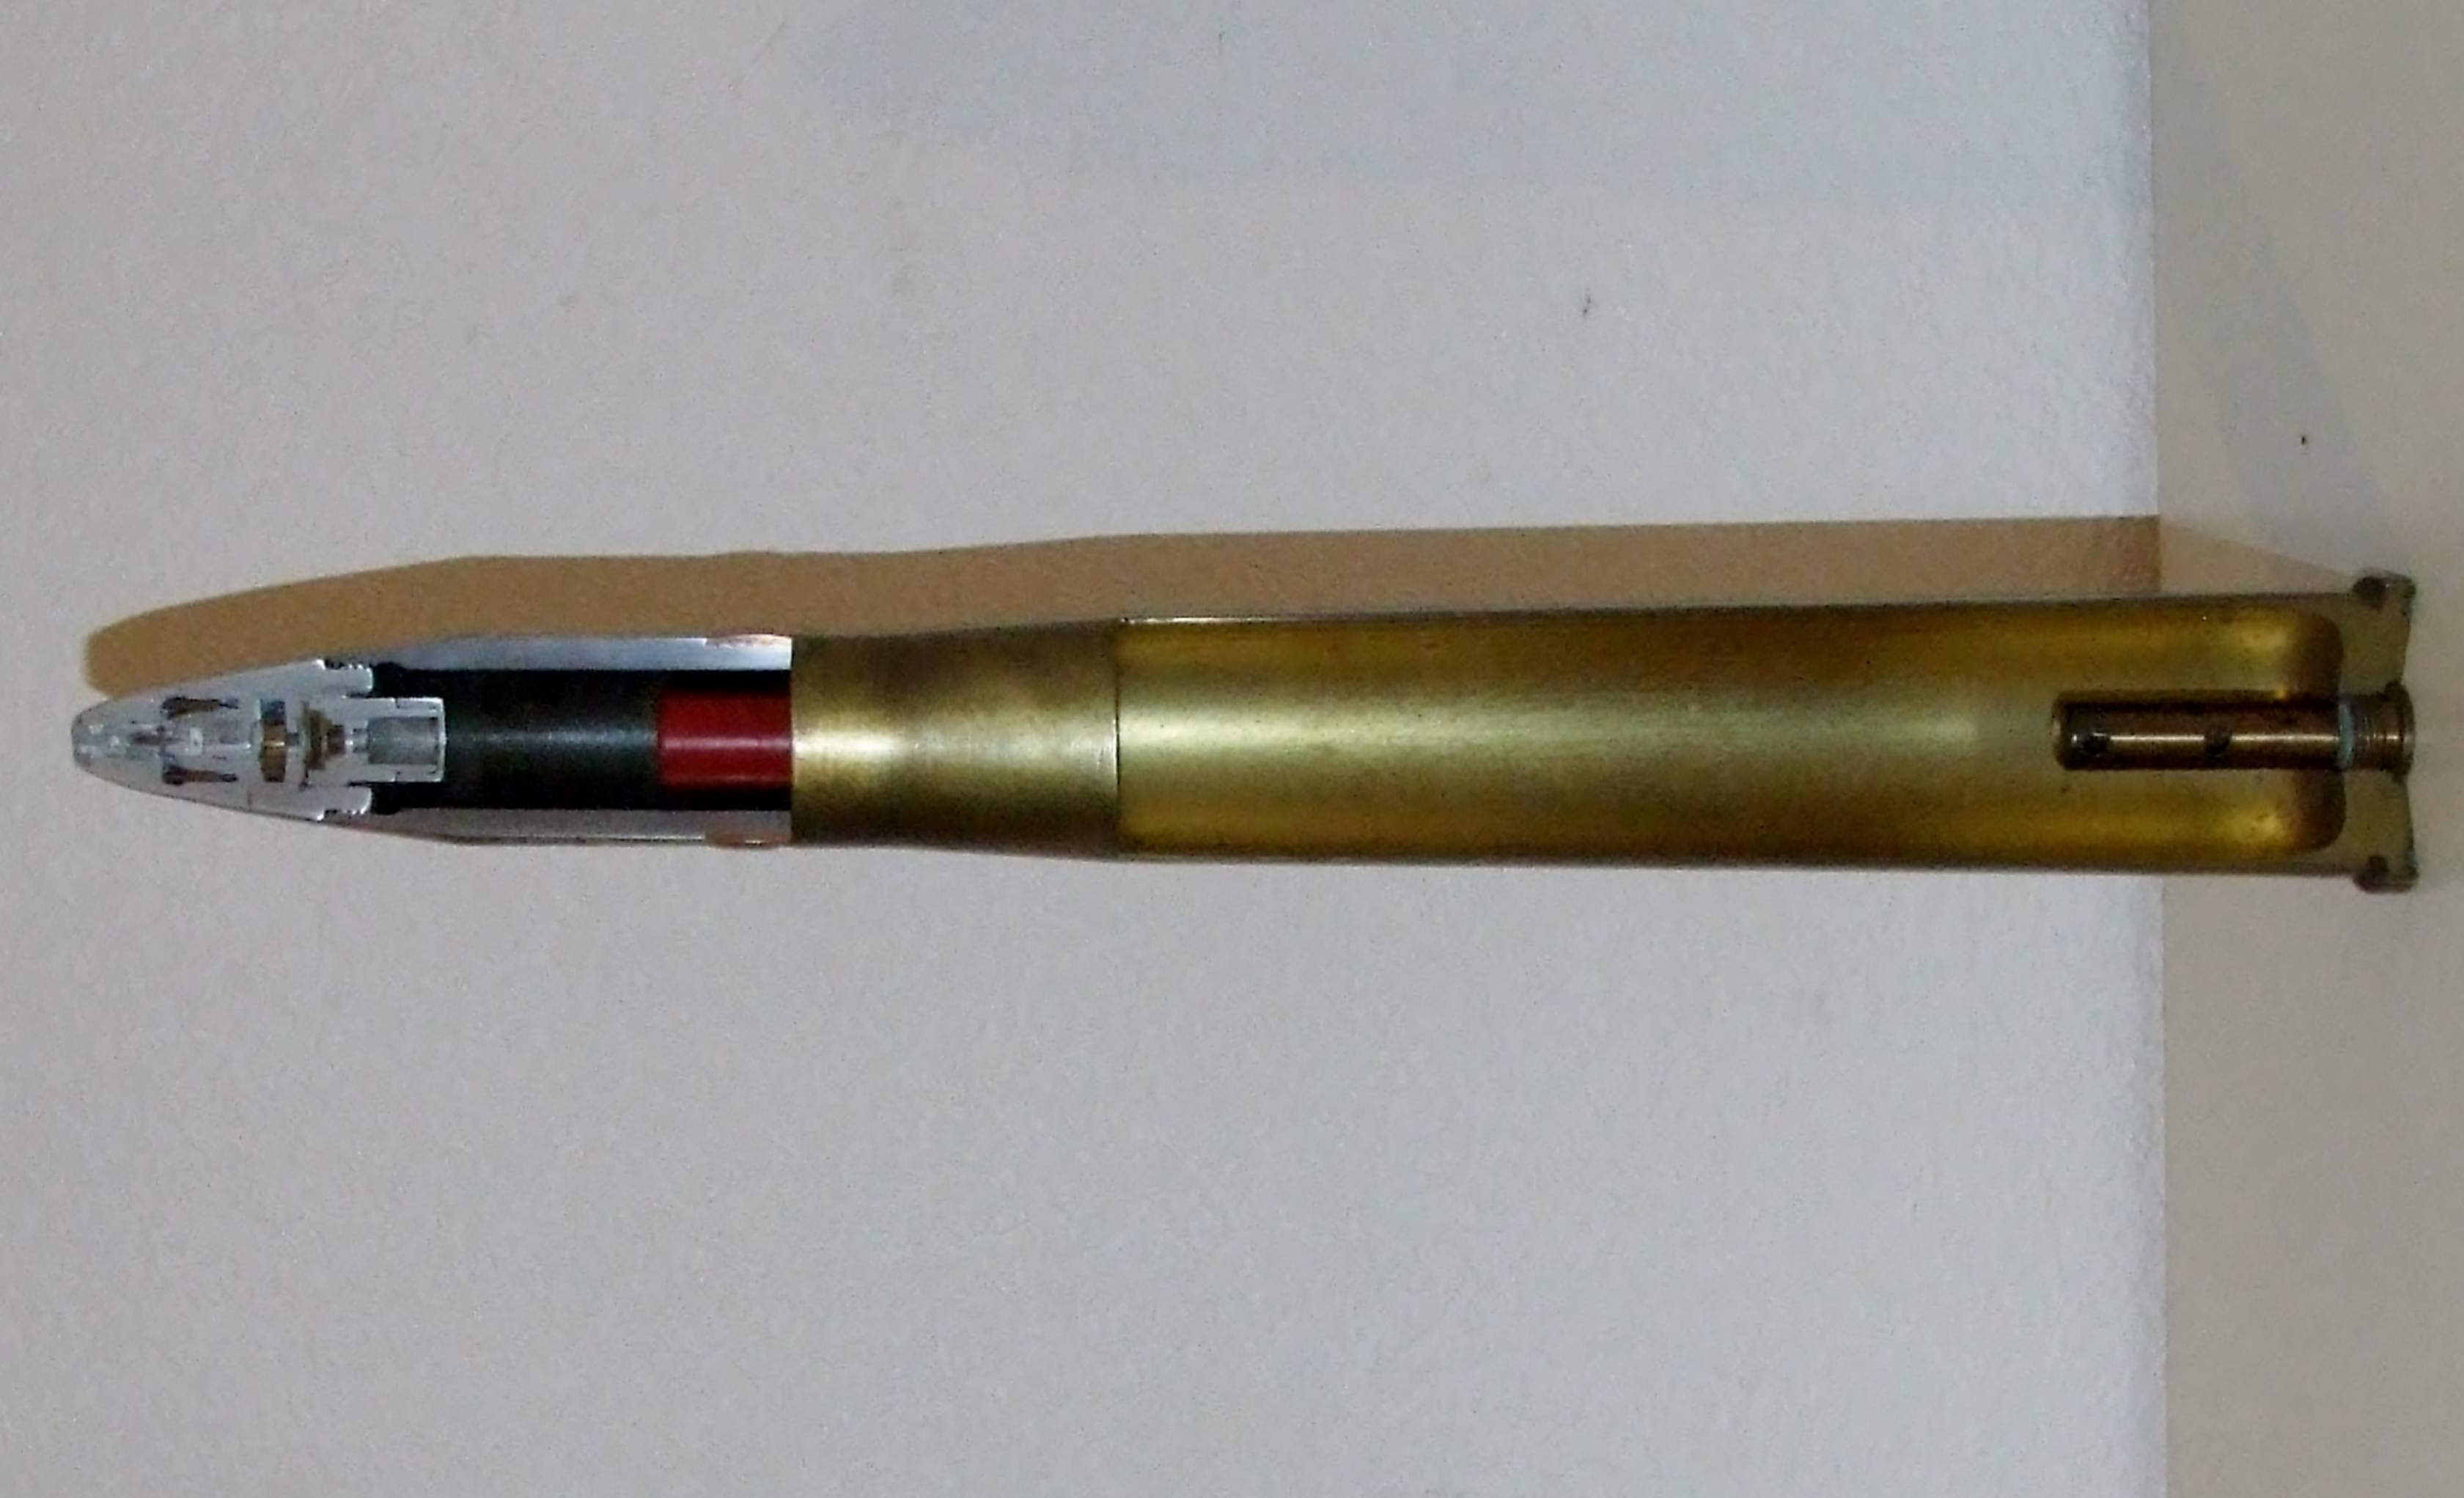 D Bofors Mm Shell Dscf on S Shell Cutaway